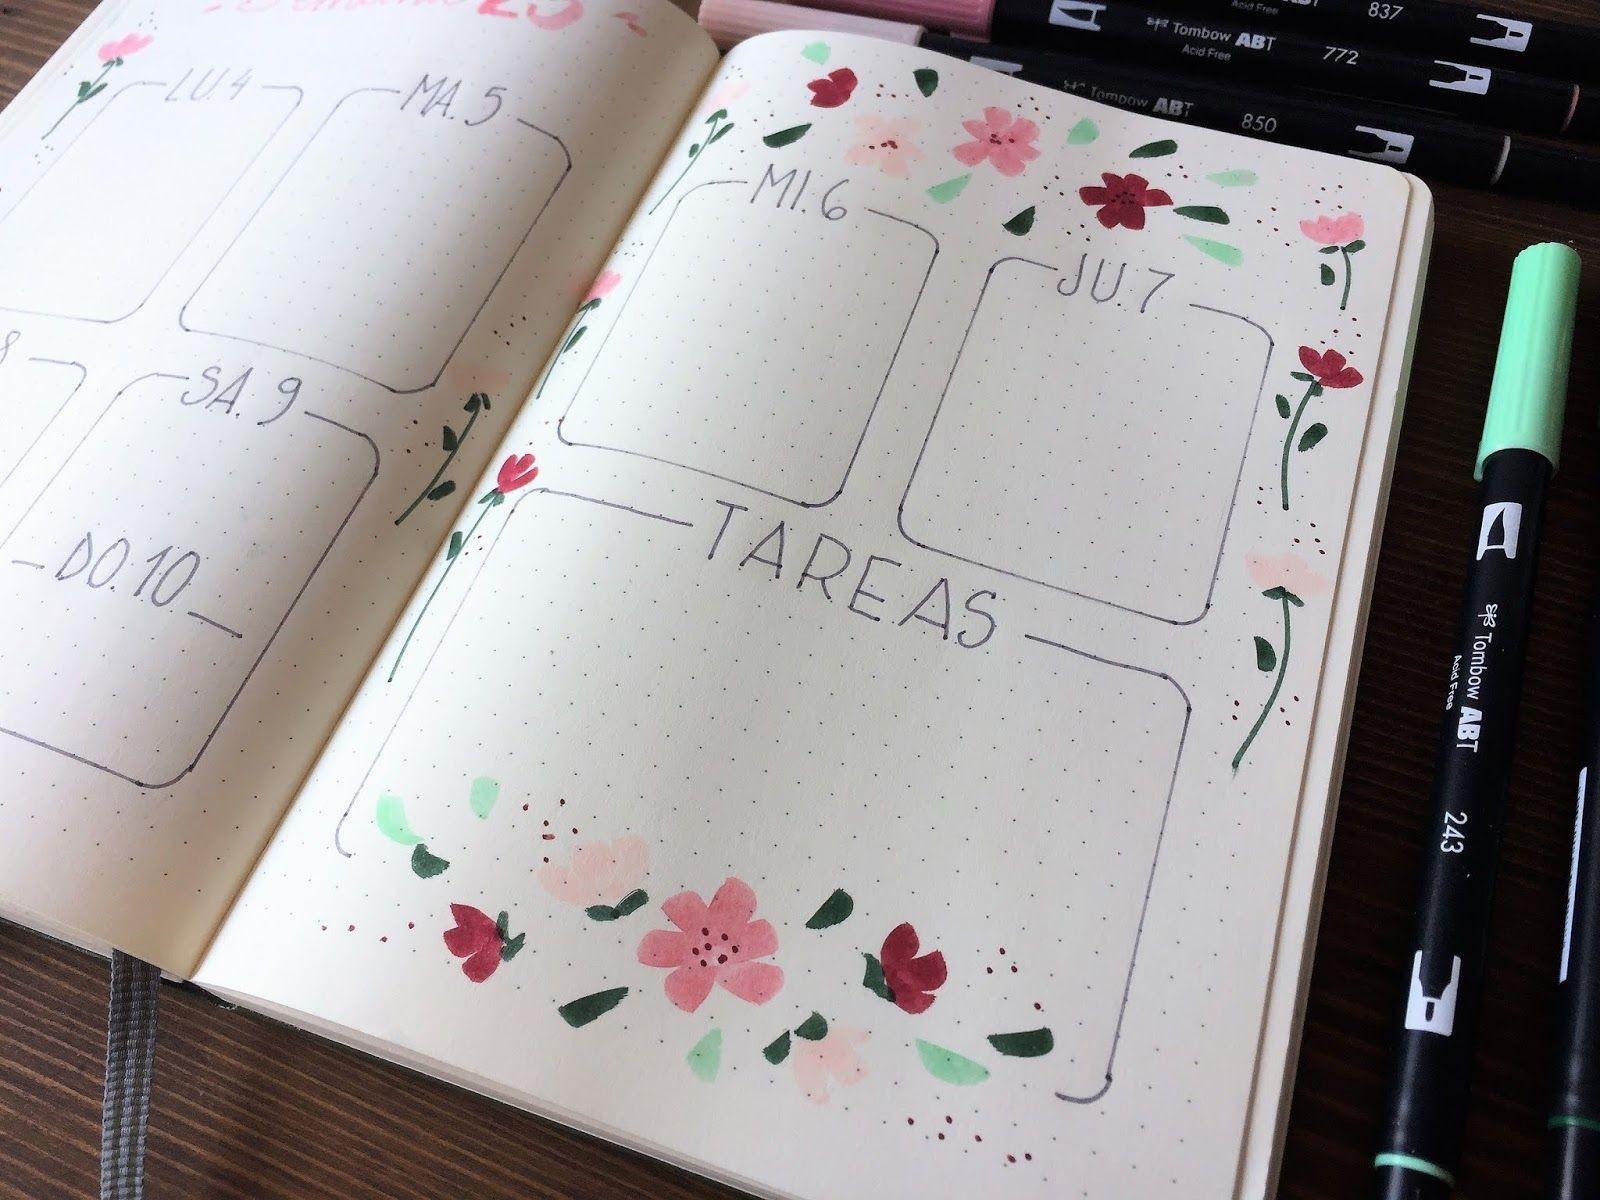 """Imprimir Calendario 2019 Tumblr Mejores Y Más Novedosos Bullet Journal Edici""""n Junio Bullet Journal Pinterest Of Imprimir Calendario 2019 Tumblr Recientes 1 10 Para Maestros En 2018 Pinterest"""